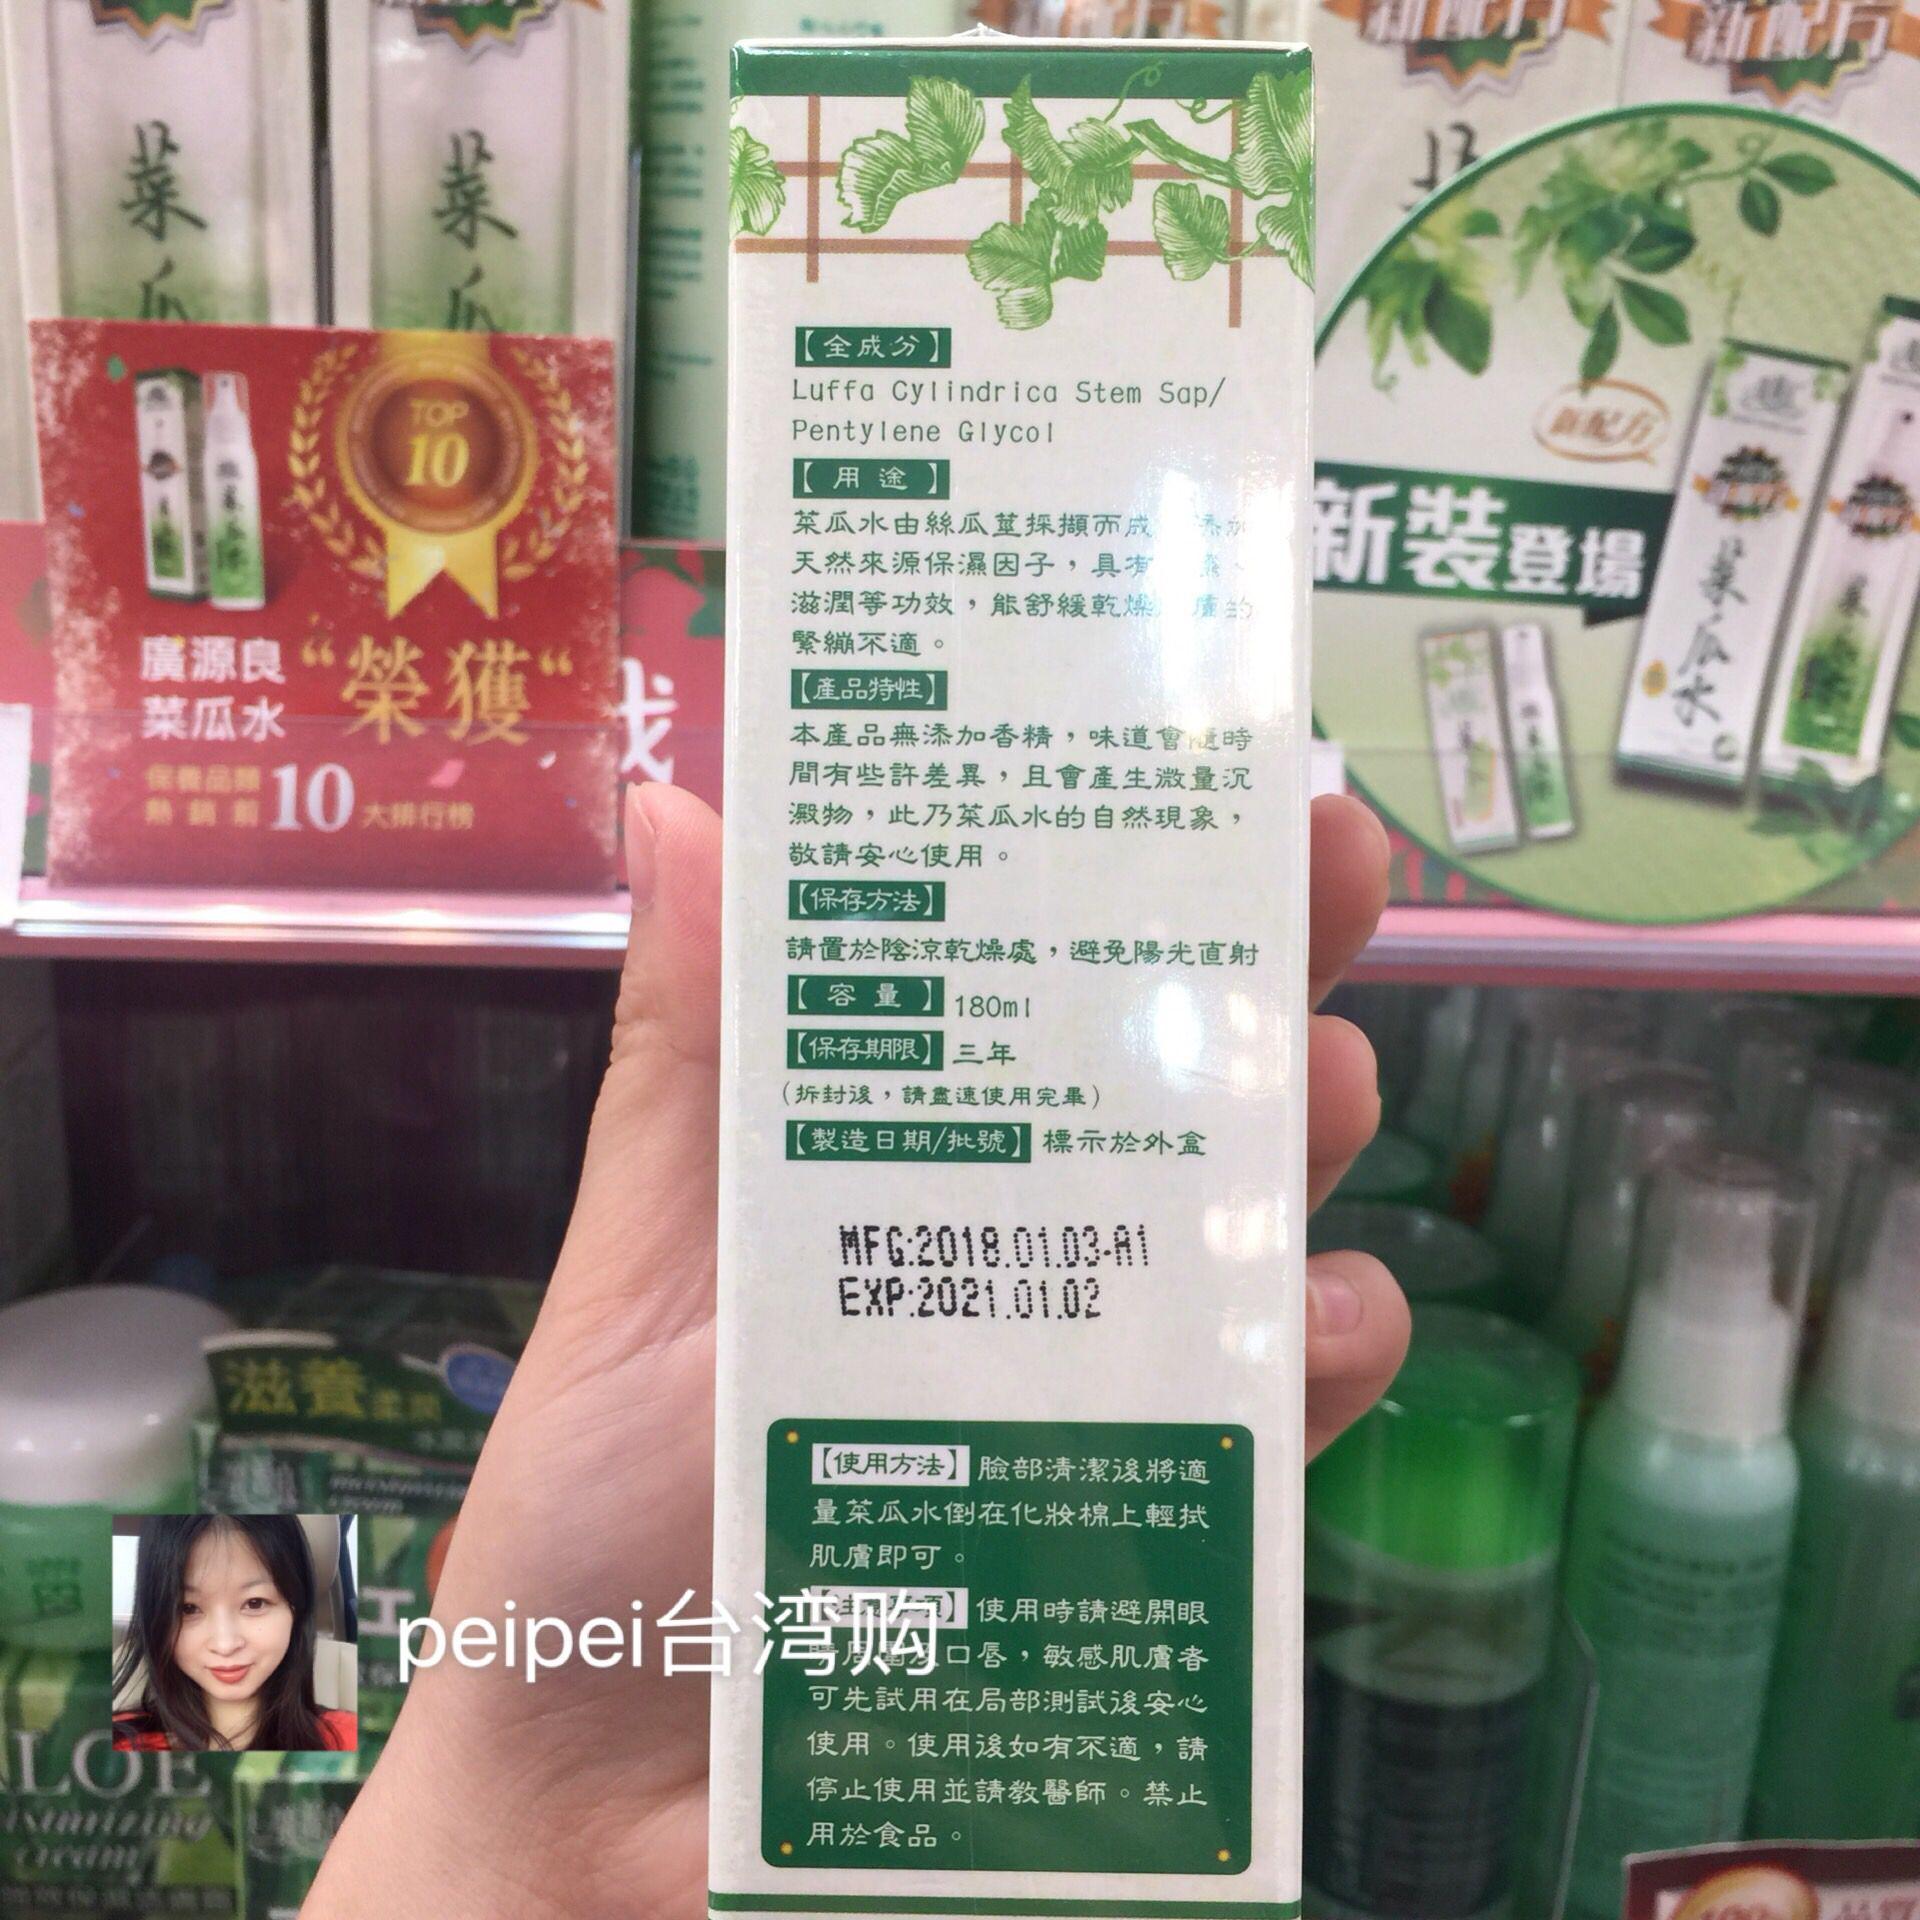 180ml 件包邮台湾广源良新包装菜瓜水丝瓜水爽肤水独立包装一瓶装 2